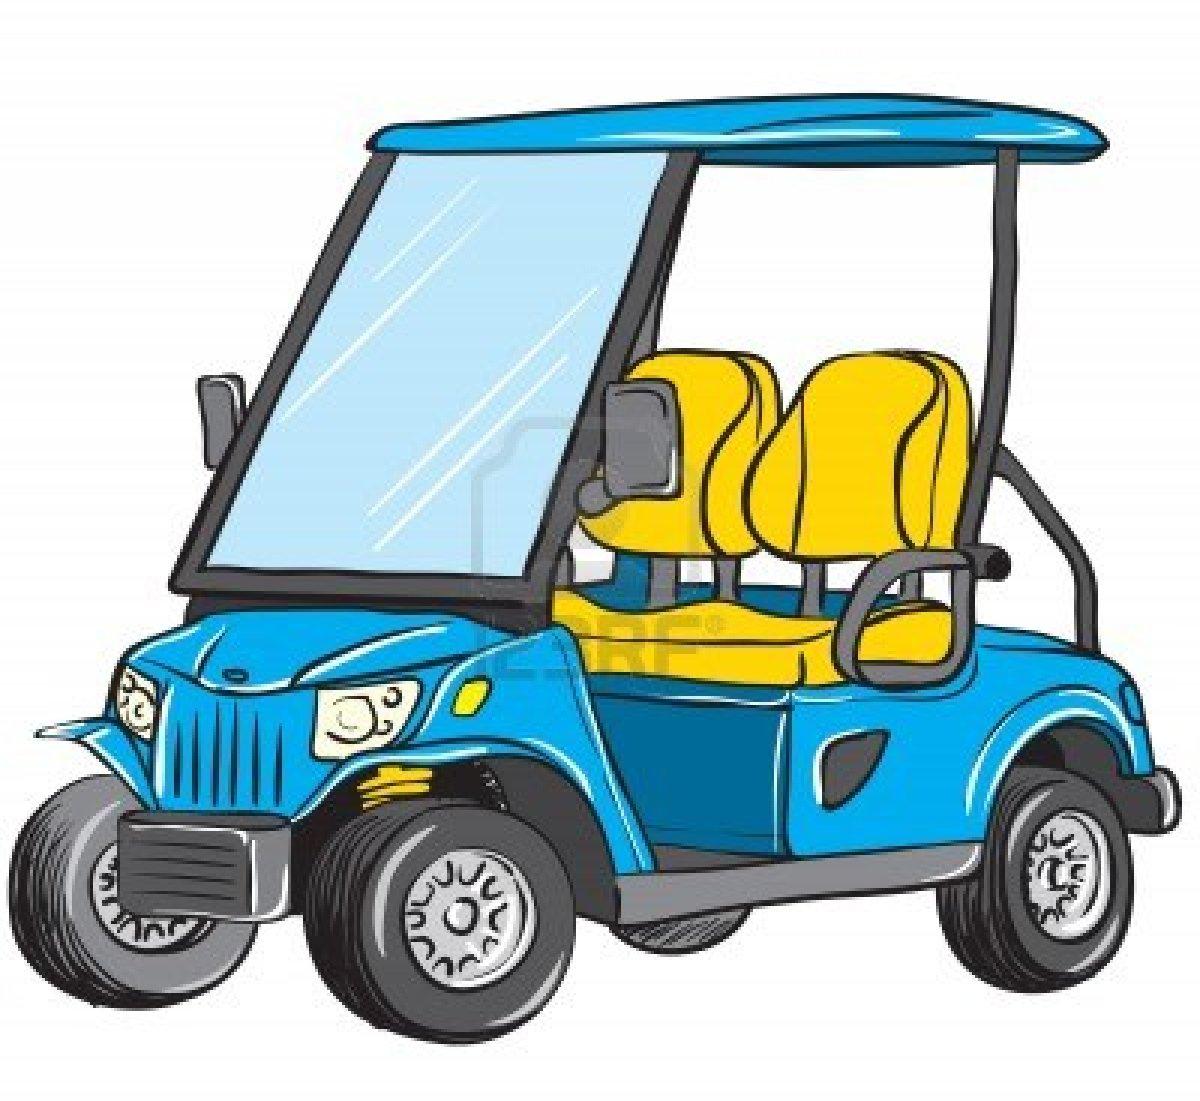 Kids Golf Clip Art Clipart Panda Free Cl-Kids Golf Clip Art Clipart Panda Free Clipart Images-0